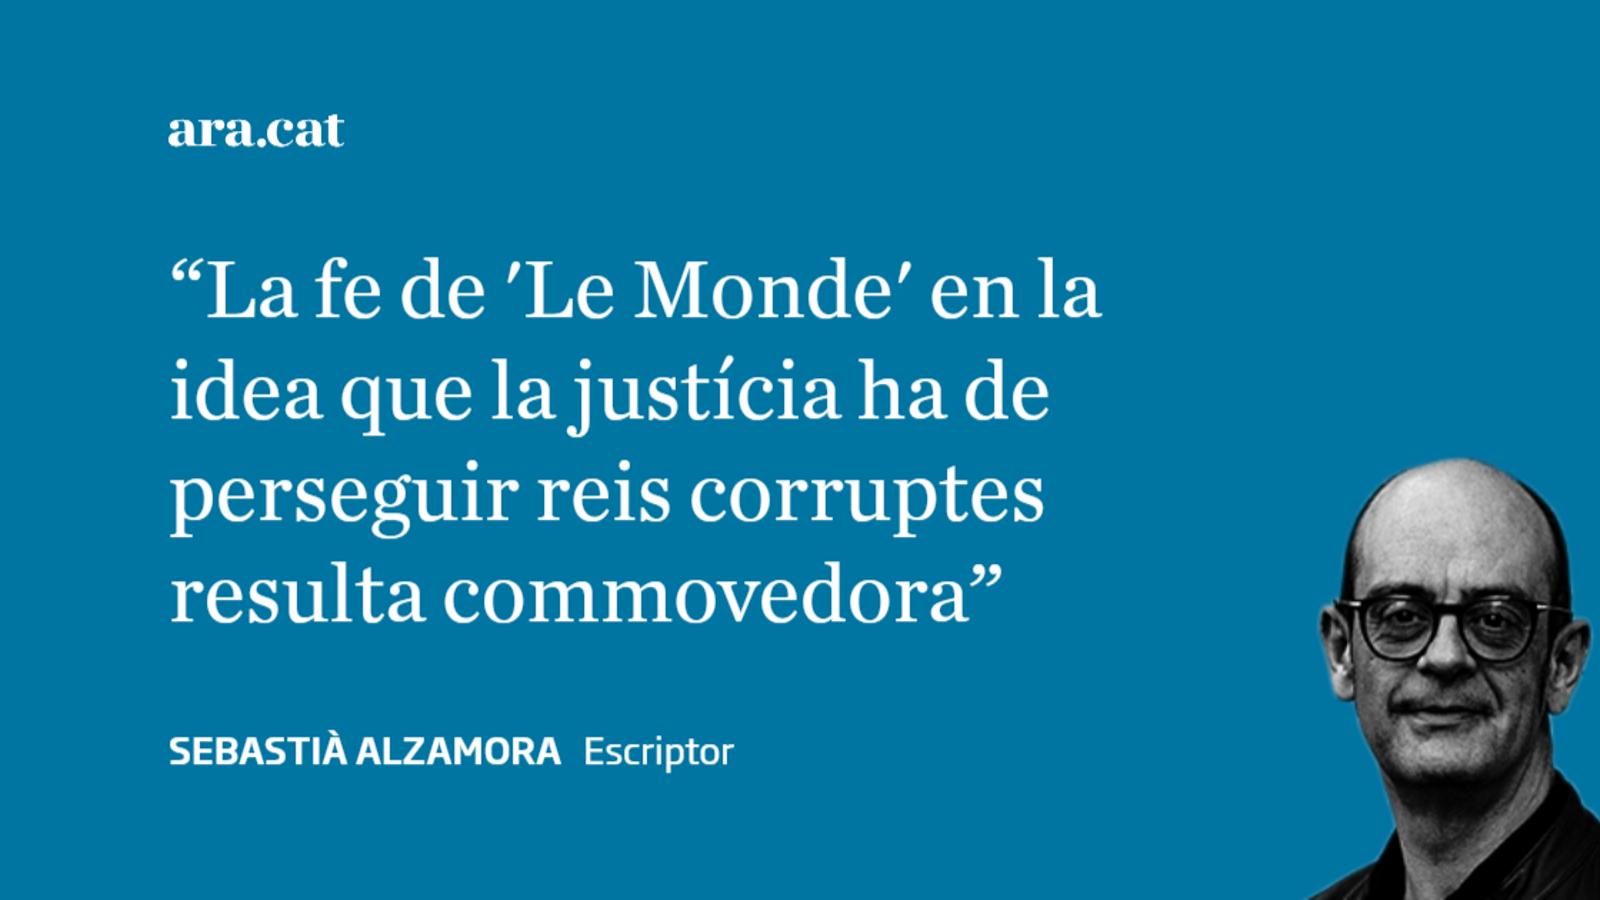 Gràcies, però no serà així, 'Le Monde'